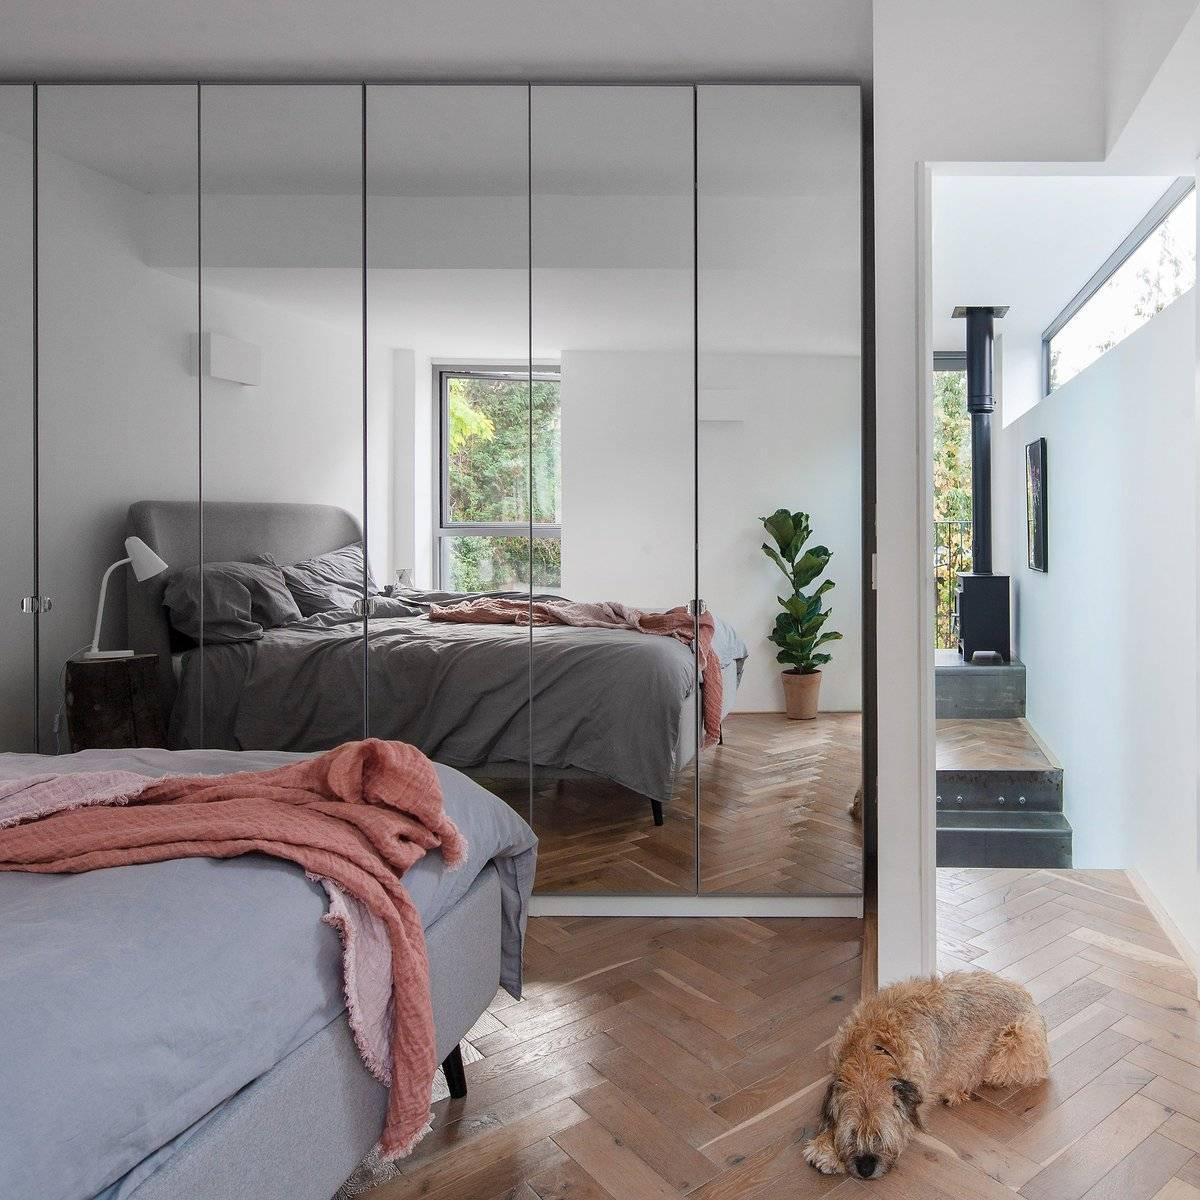 Gương to trong phòng ngủ thực sự không cần thiết, dễ gây giật mình nửa đêm